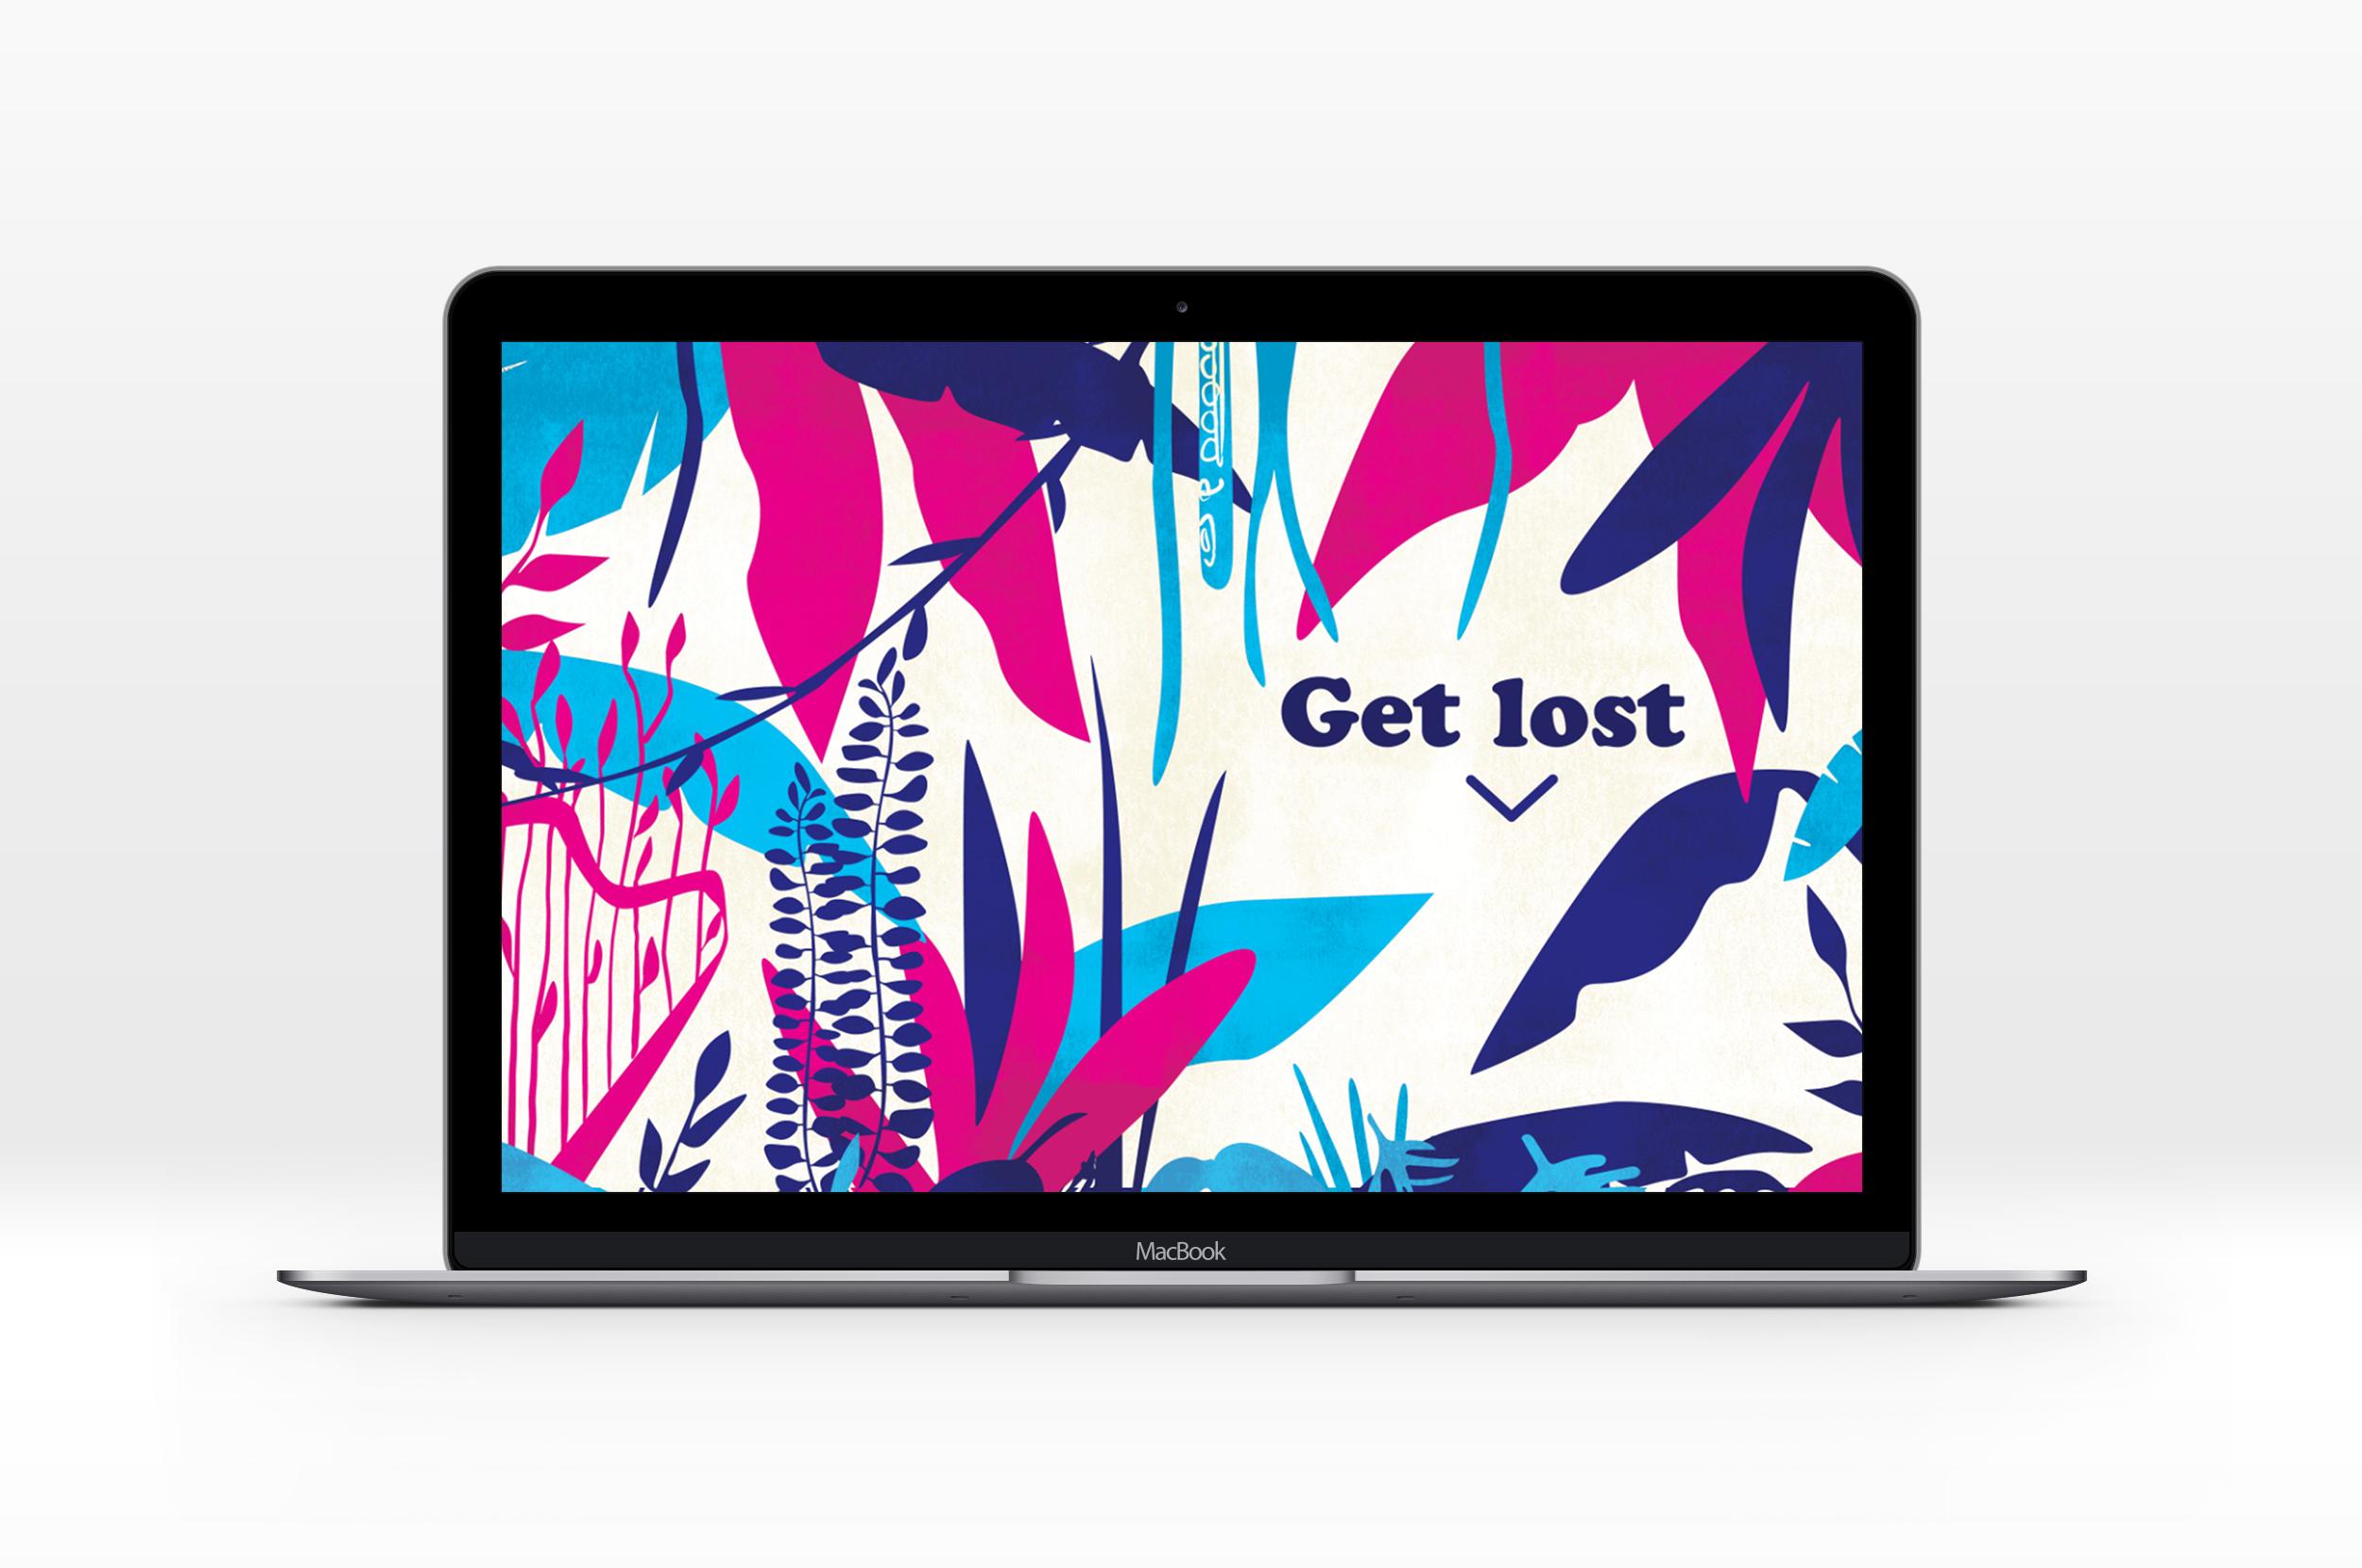 Get_Lost_9.jpg